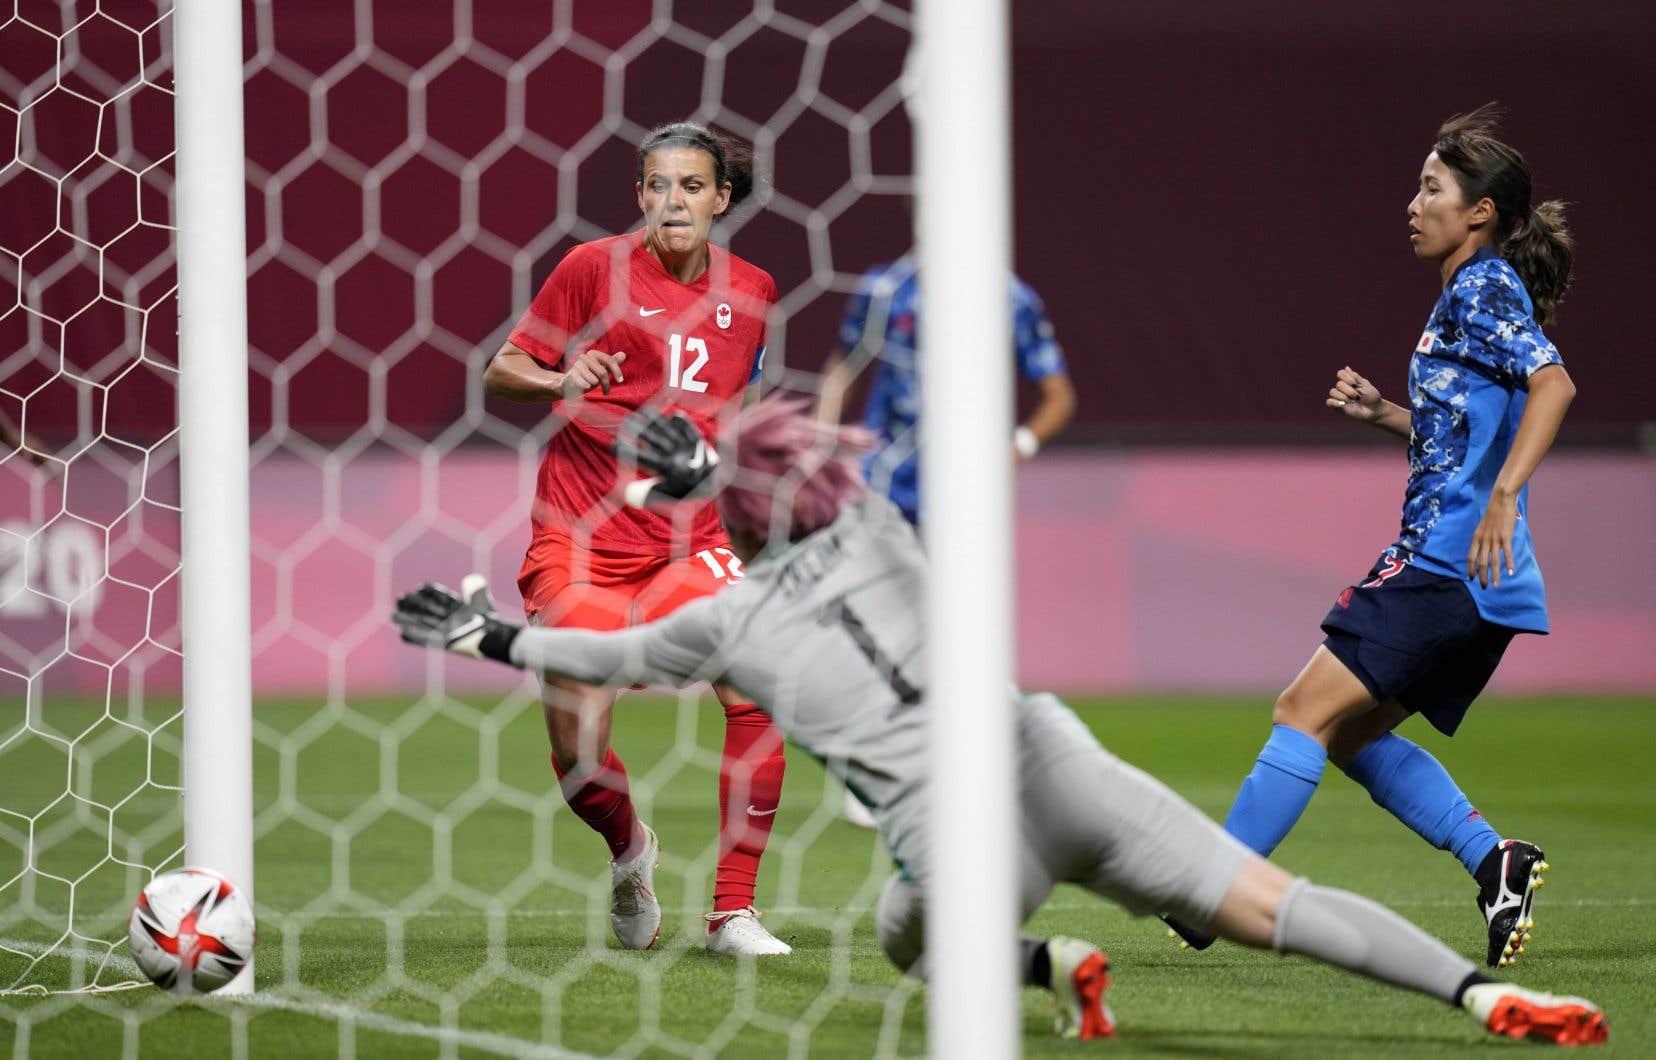 La capitaine Christine Sinclair (12) a marqué le seul but lors du match contre le Japon mercredi.